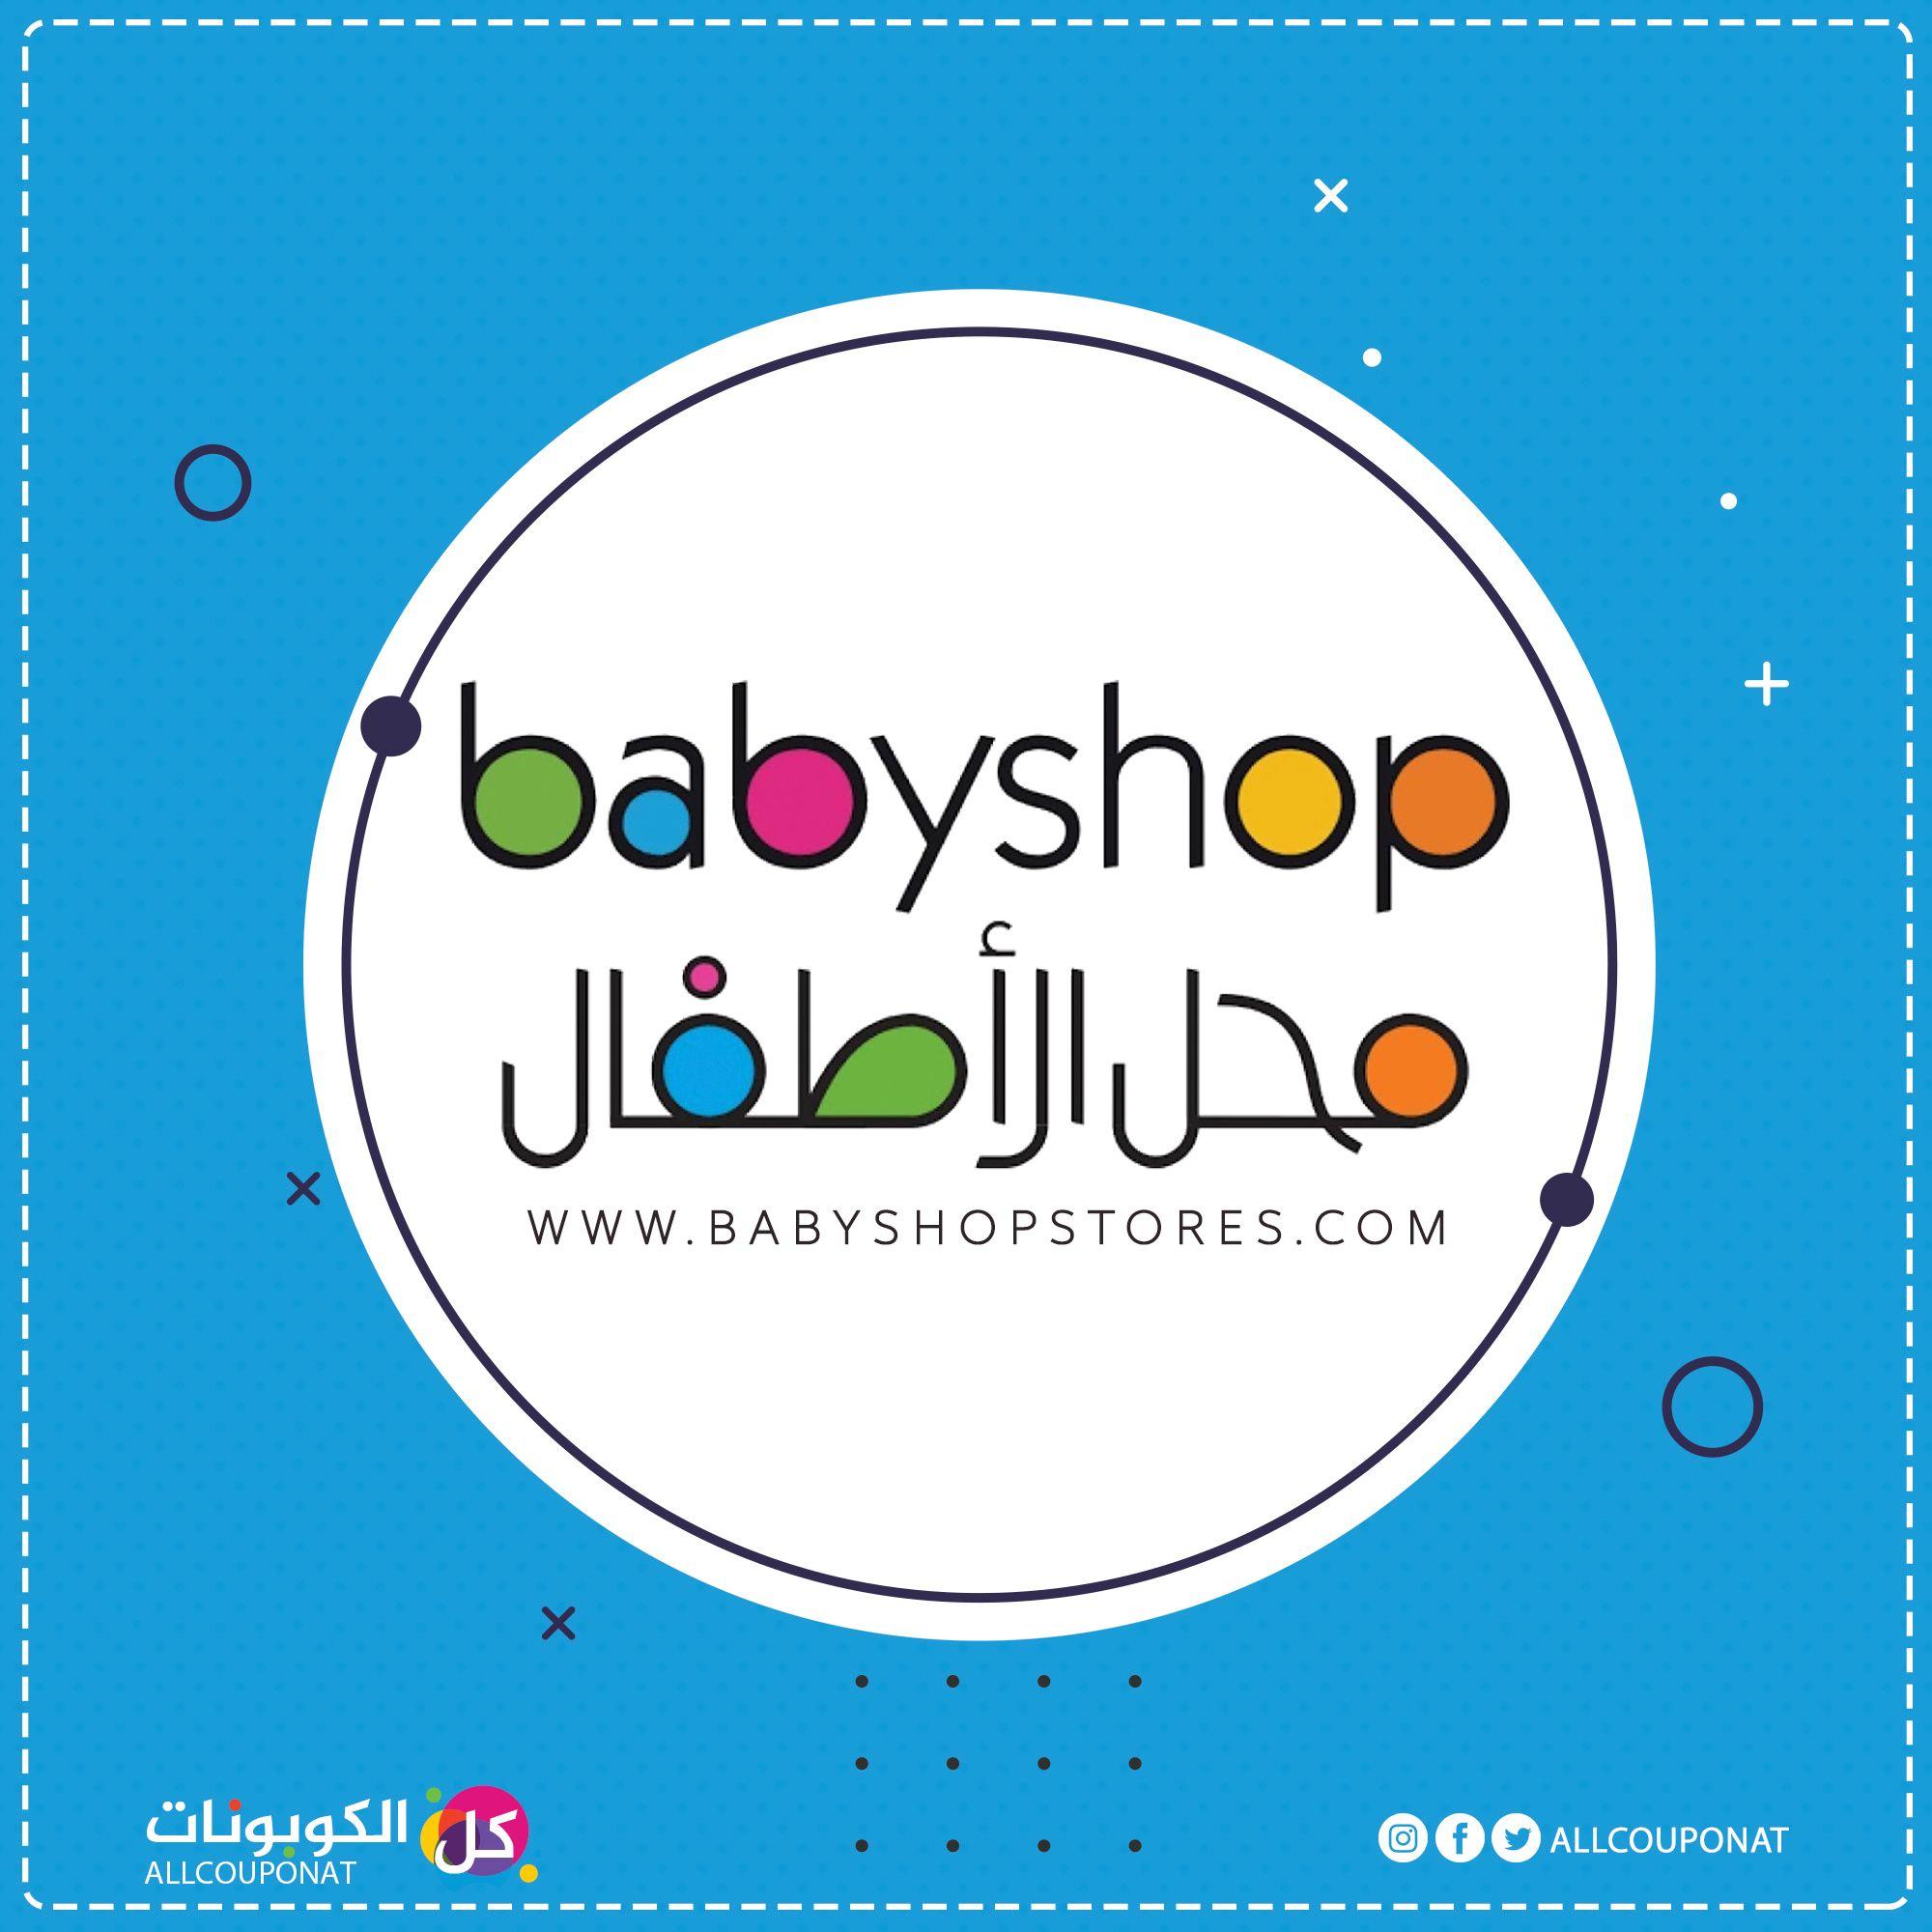 استمتعوا بتسوق رائع لكافة احتياجات أطفالكم لدى متجر محل الأطفال اطفال ملابس اطفال In 2020 Baby Shop Your Child Children